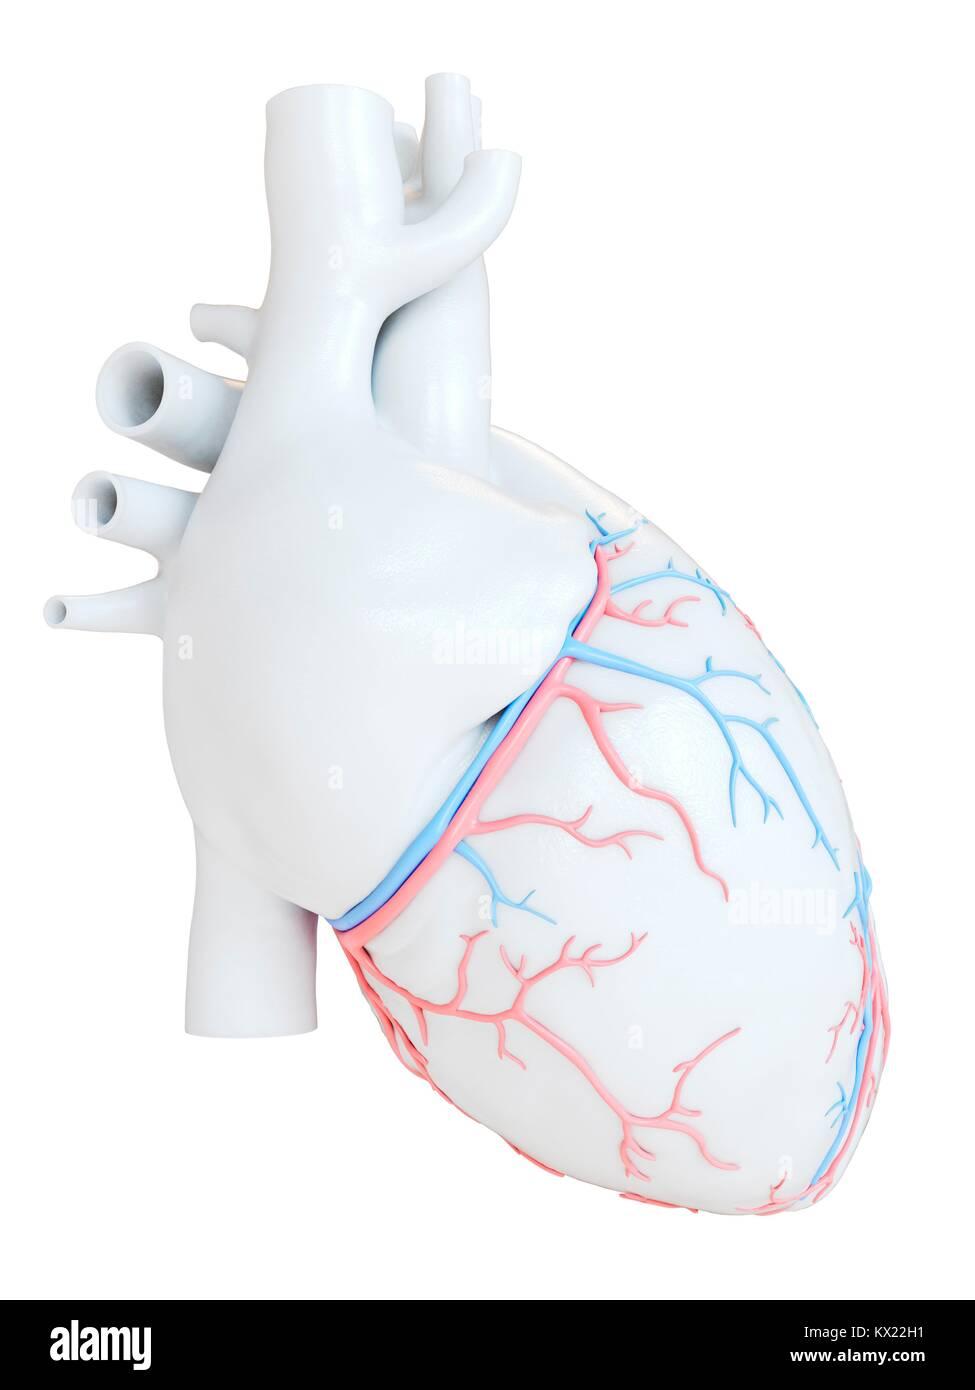 Corazón humano con vasos sanguíneos coronarios, ilustración Foto ...